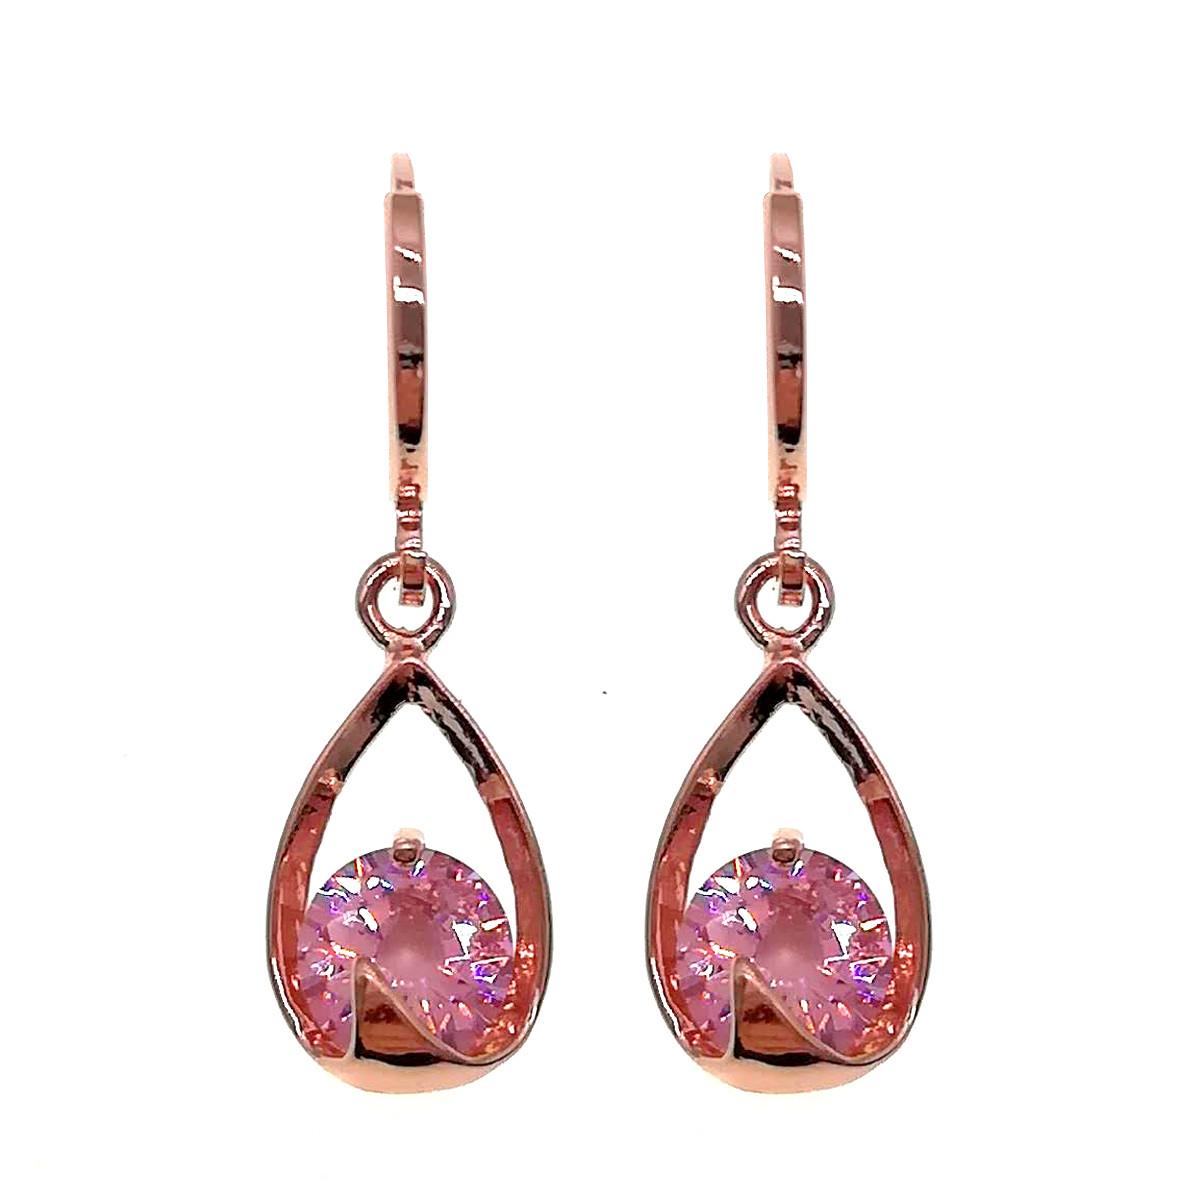 Сережки SONATA з медичного золота, рожеві фіаніти, позолота PO, 24367 (1)